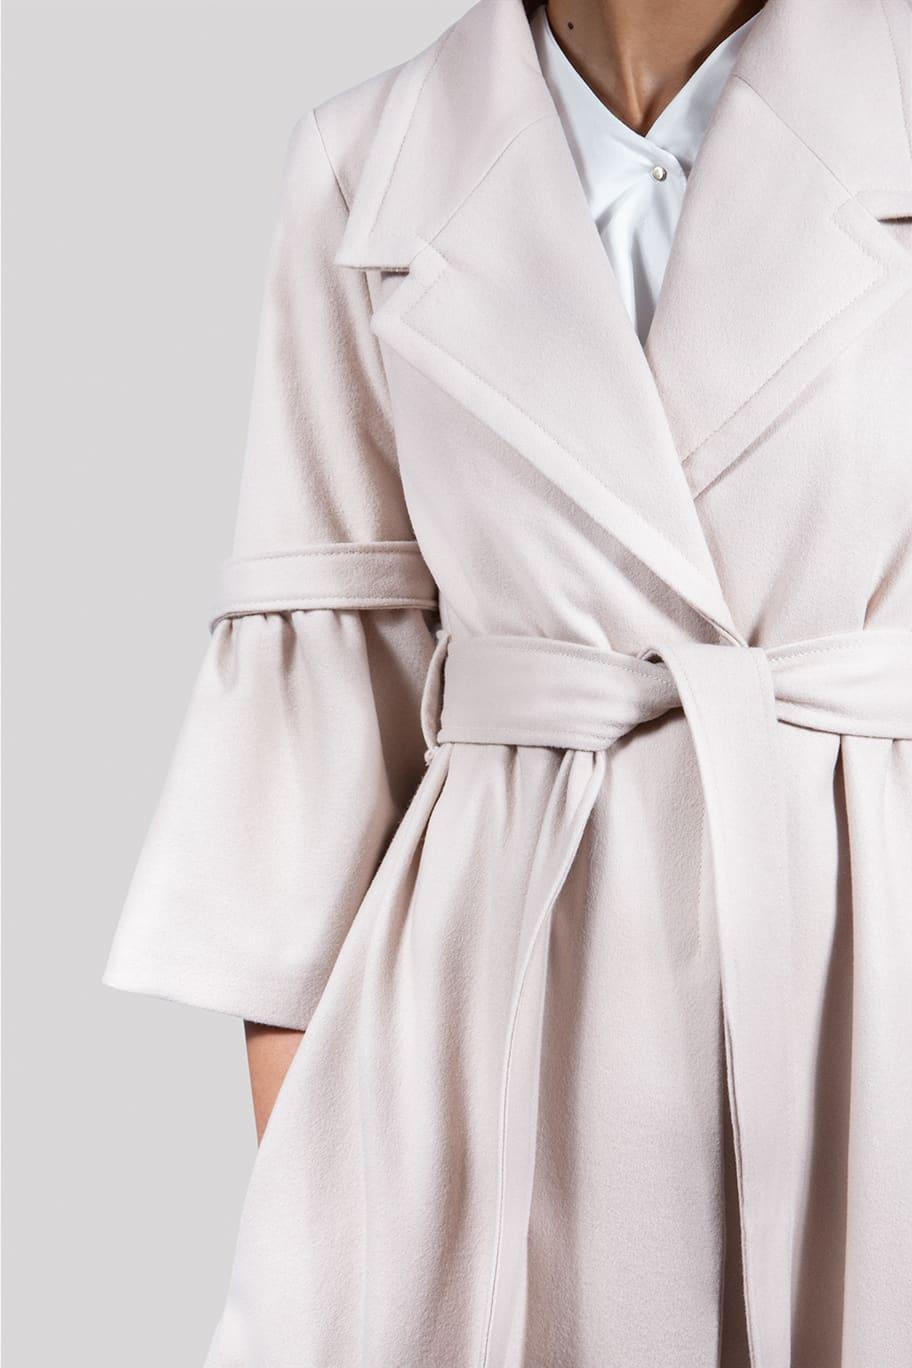 VALDONE Au - Closeup of the maxi beige colour British wool designer coat ELODIE